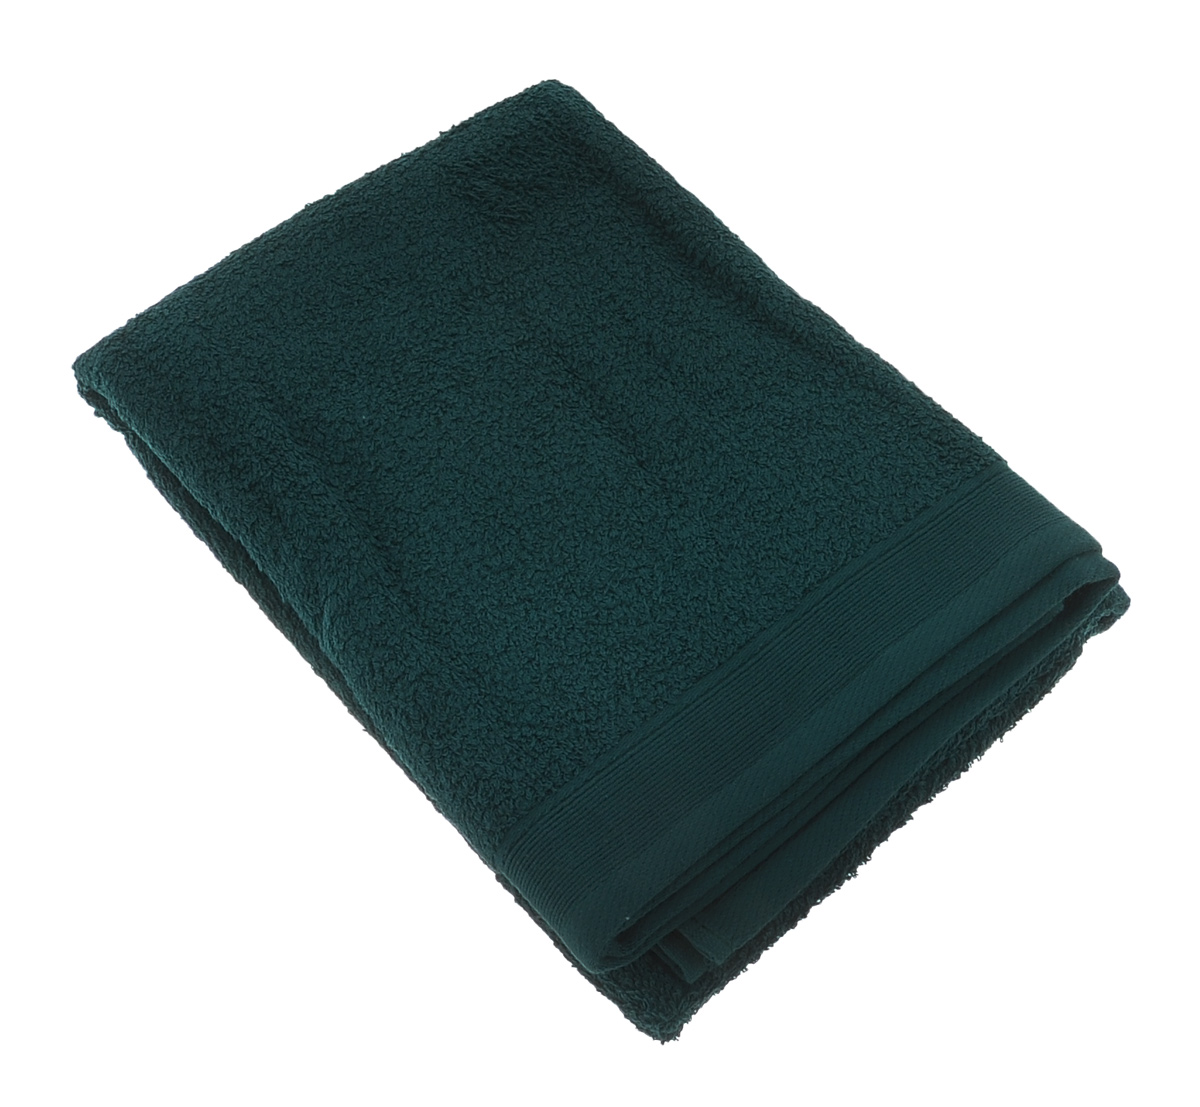 Полотенце махровое Guten Morgen, цвет: темно-зеленый, 70 х 140 см1004900000360Махровое полотенце Guten Morgen, изготовленное из натурального хлопка, прекрасно впитывает влагу и быстро сохнет. Высокая плотность ткани делает полотенце мягкими, прочными и пушистыми. При соблюдении рекомендаций по уходу изделие сохраняет яркость цвета и не теряет форму даже после многократных стирок. Махровое полотенце Guten Morgen станет достойным выбором для вас и приятным подарком для ваших близких. Мягкость и высокое качество материала, из которого изготовлено полотенце, не оставит вас равнодушными.